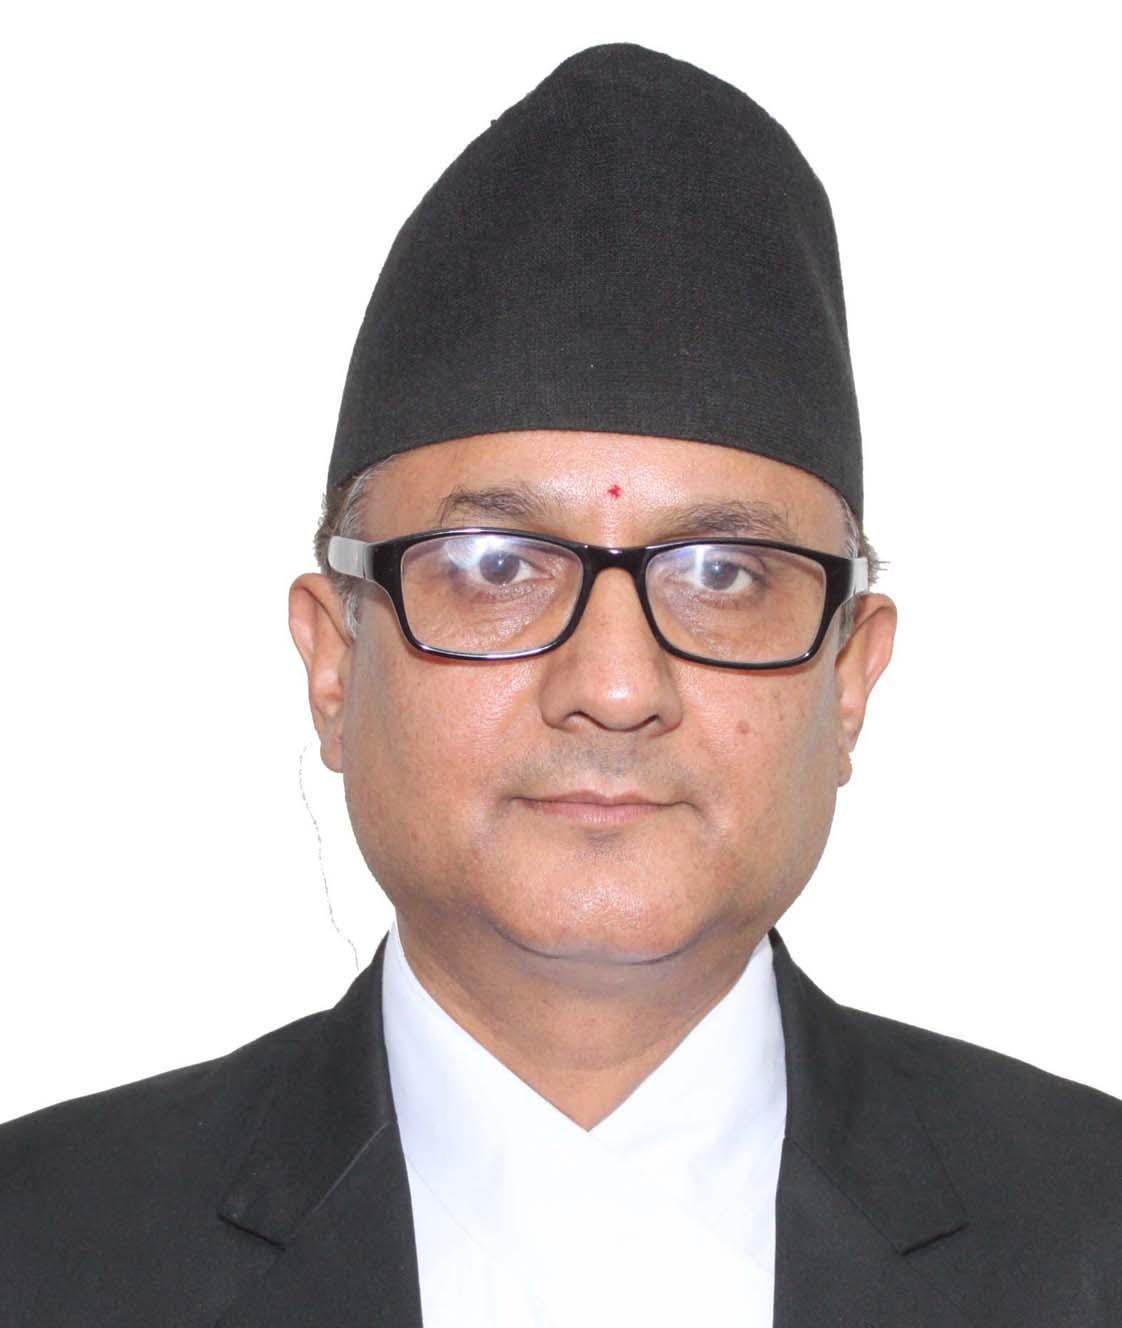 Mr. Kumar Regmi